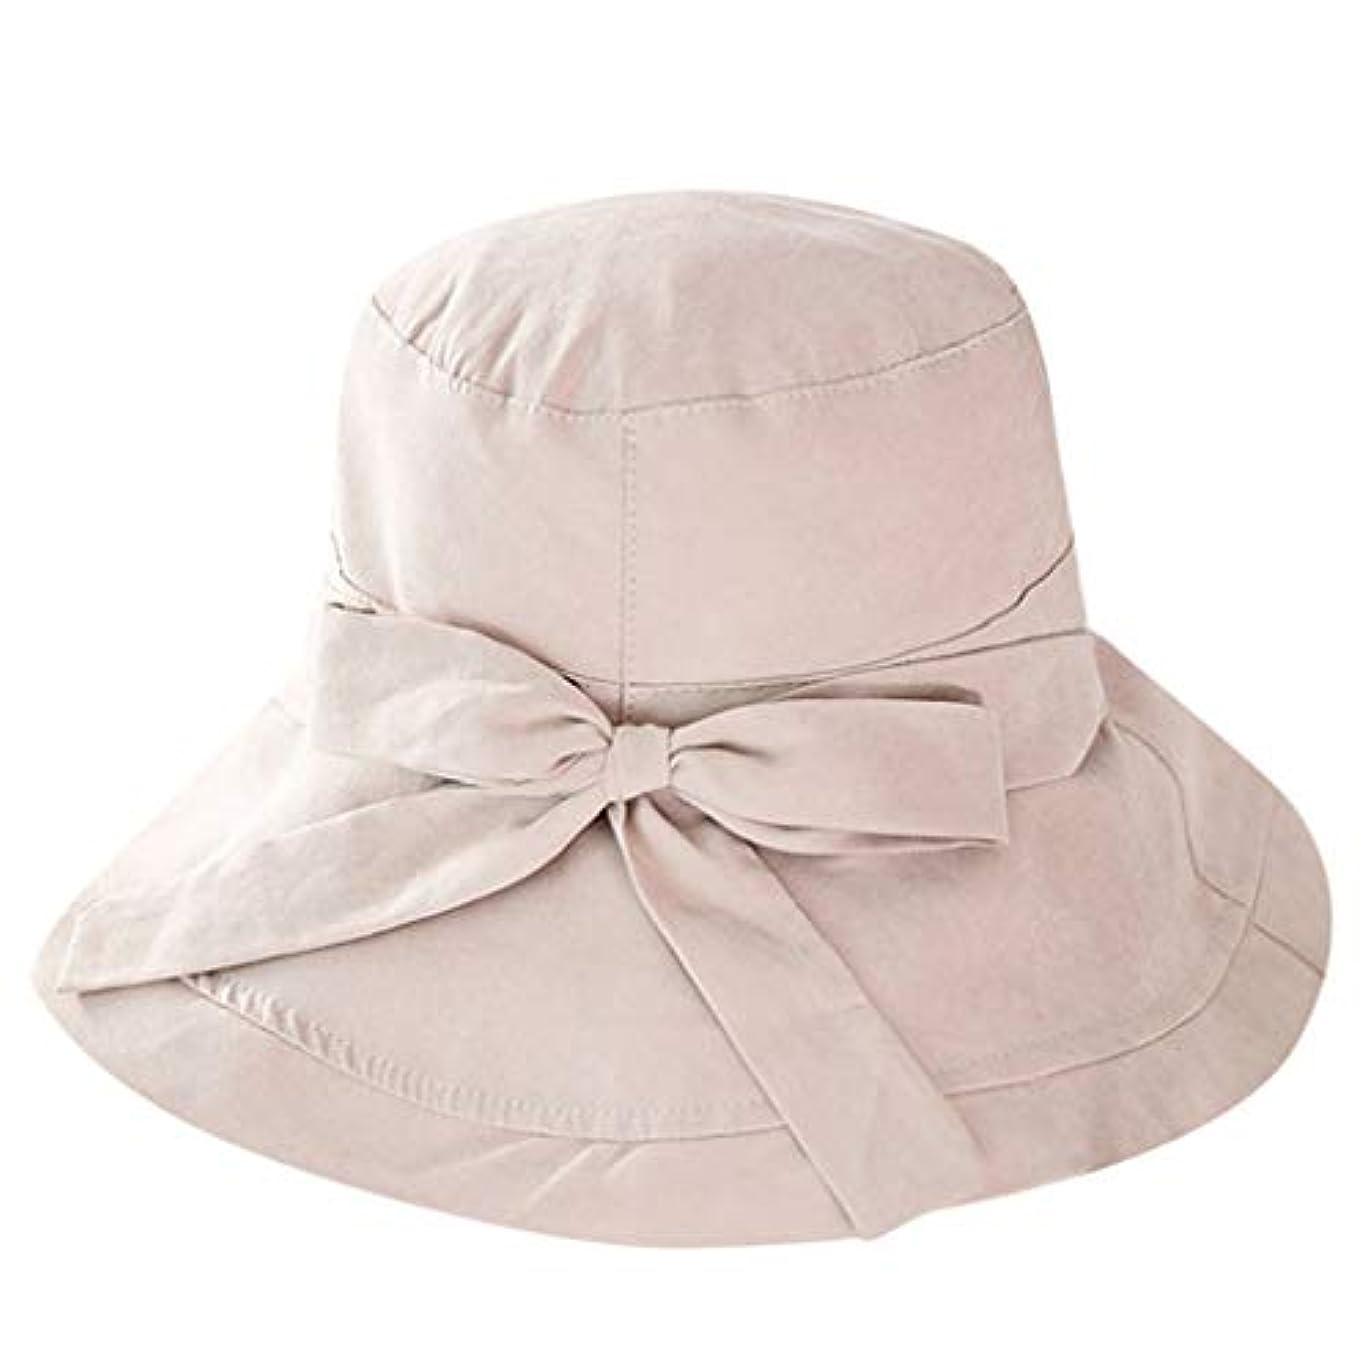 学校嵐が丘精算Kaiweini レディース夏漁夫帽カジュアル日よけバイザービッグエッジクロスキャップ人気の屋外折りたたみビーチキャップチャイルドハット日焼け止め太陽帽